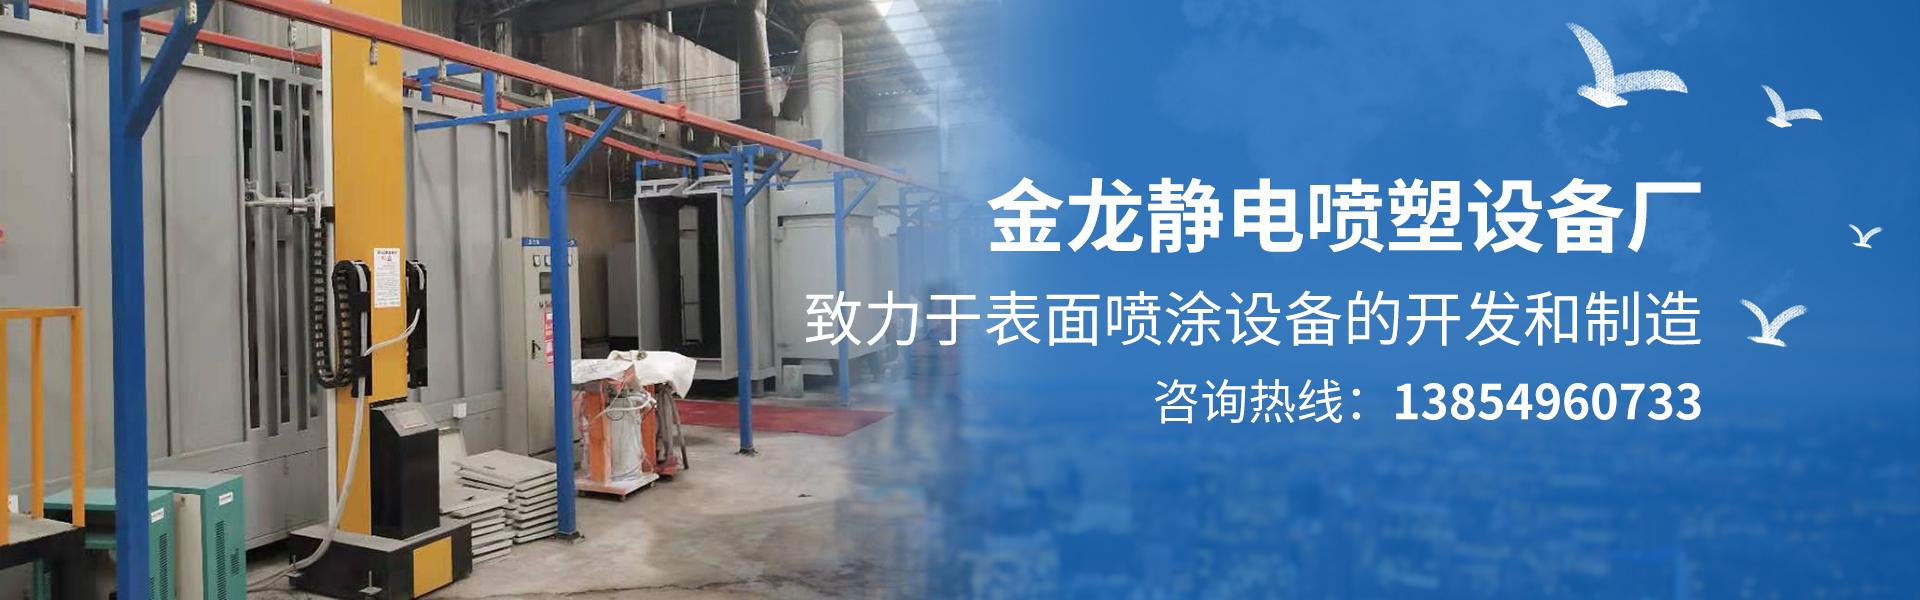 喷塑设备,静电喷塑设备,喷塑流水线设备,喷塑设备厂家